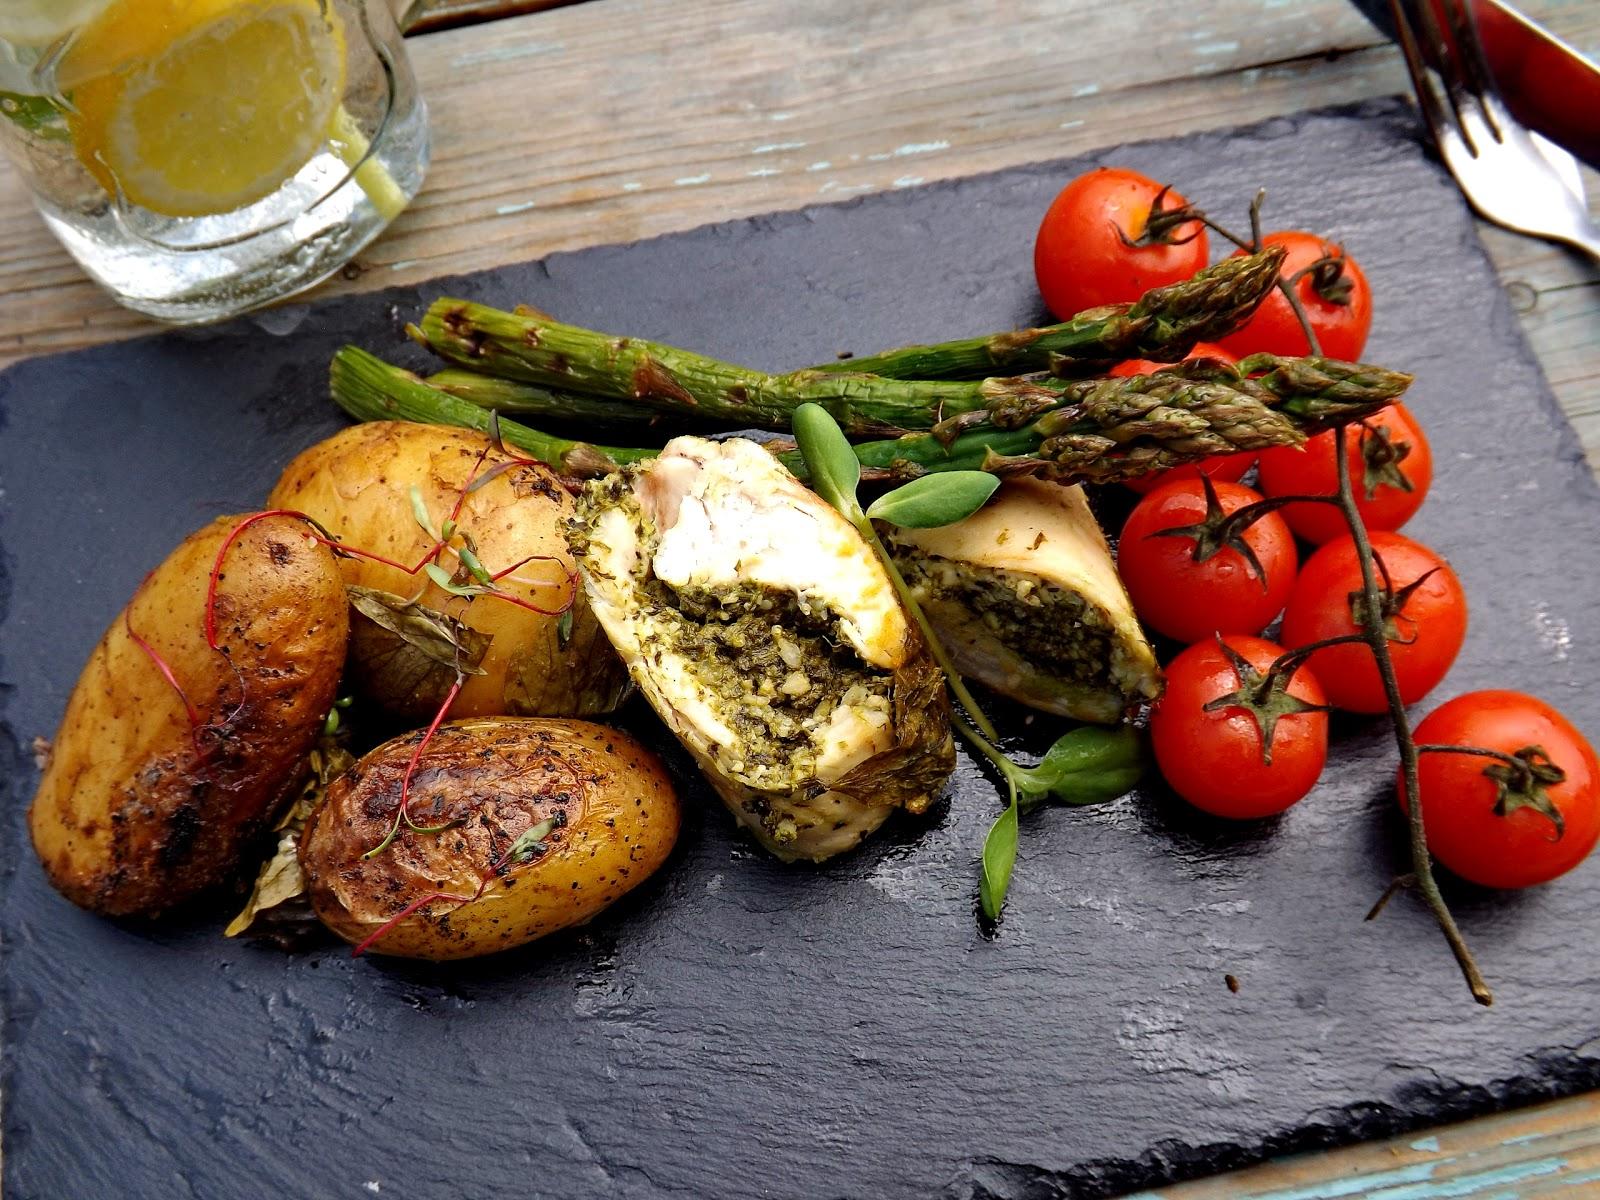 Grillowana rolada z kurczaka z serkiem kremowym, pesto z rukoli i warzywami